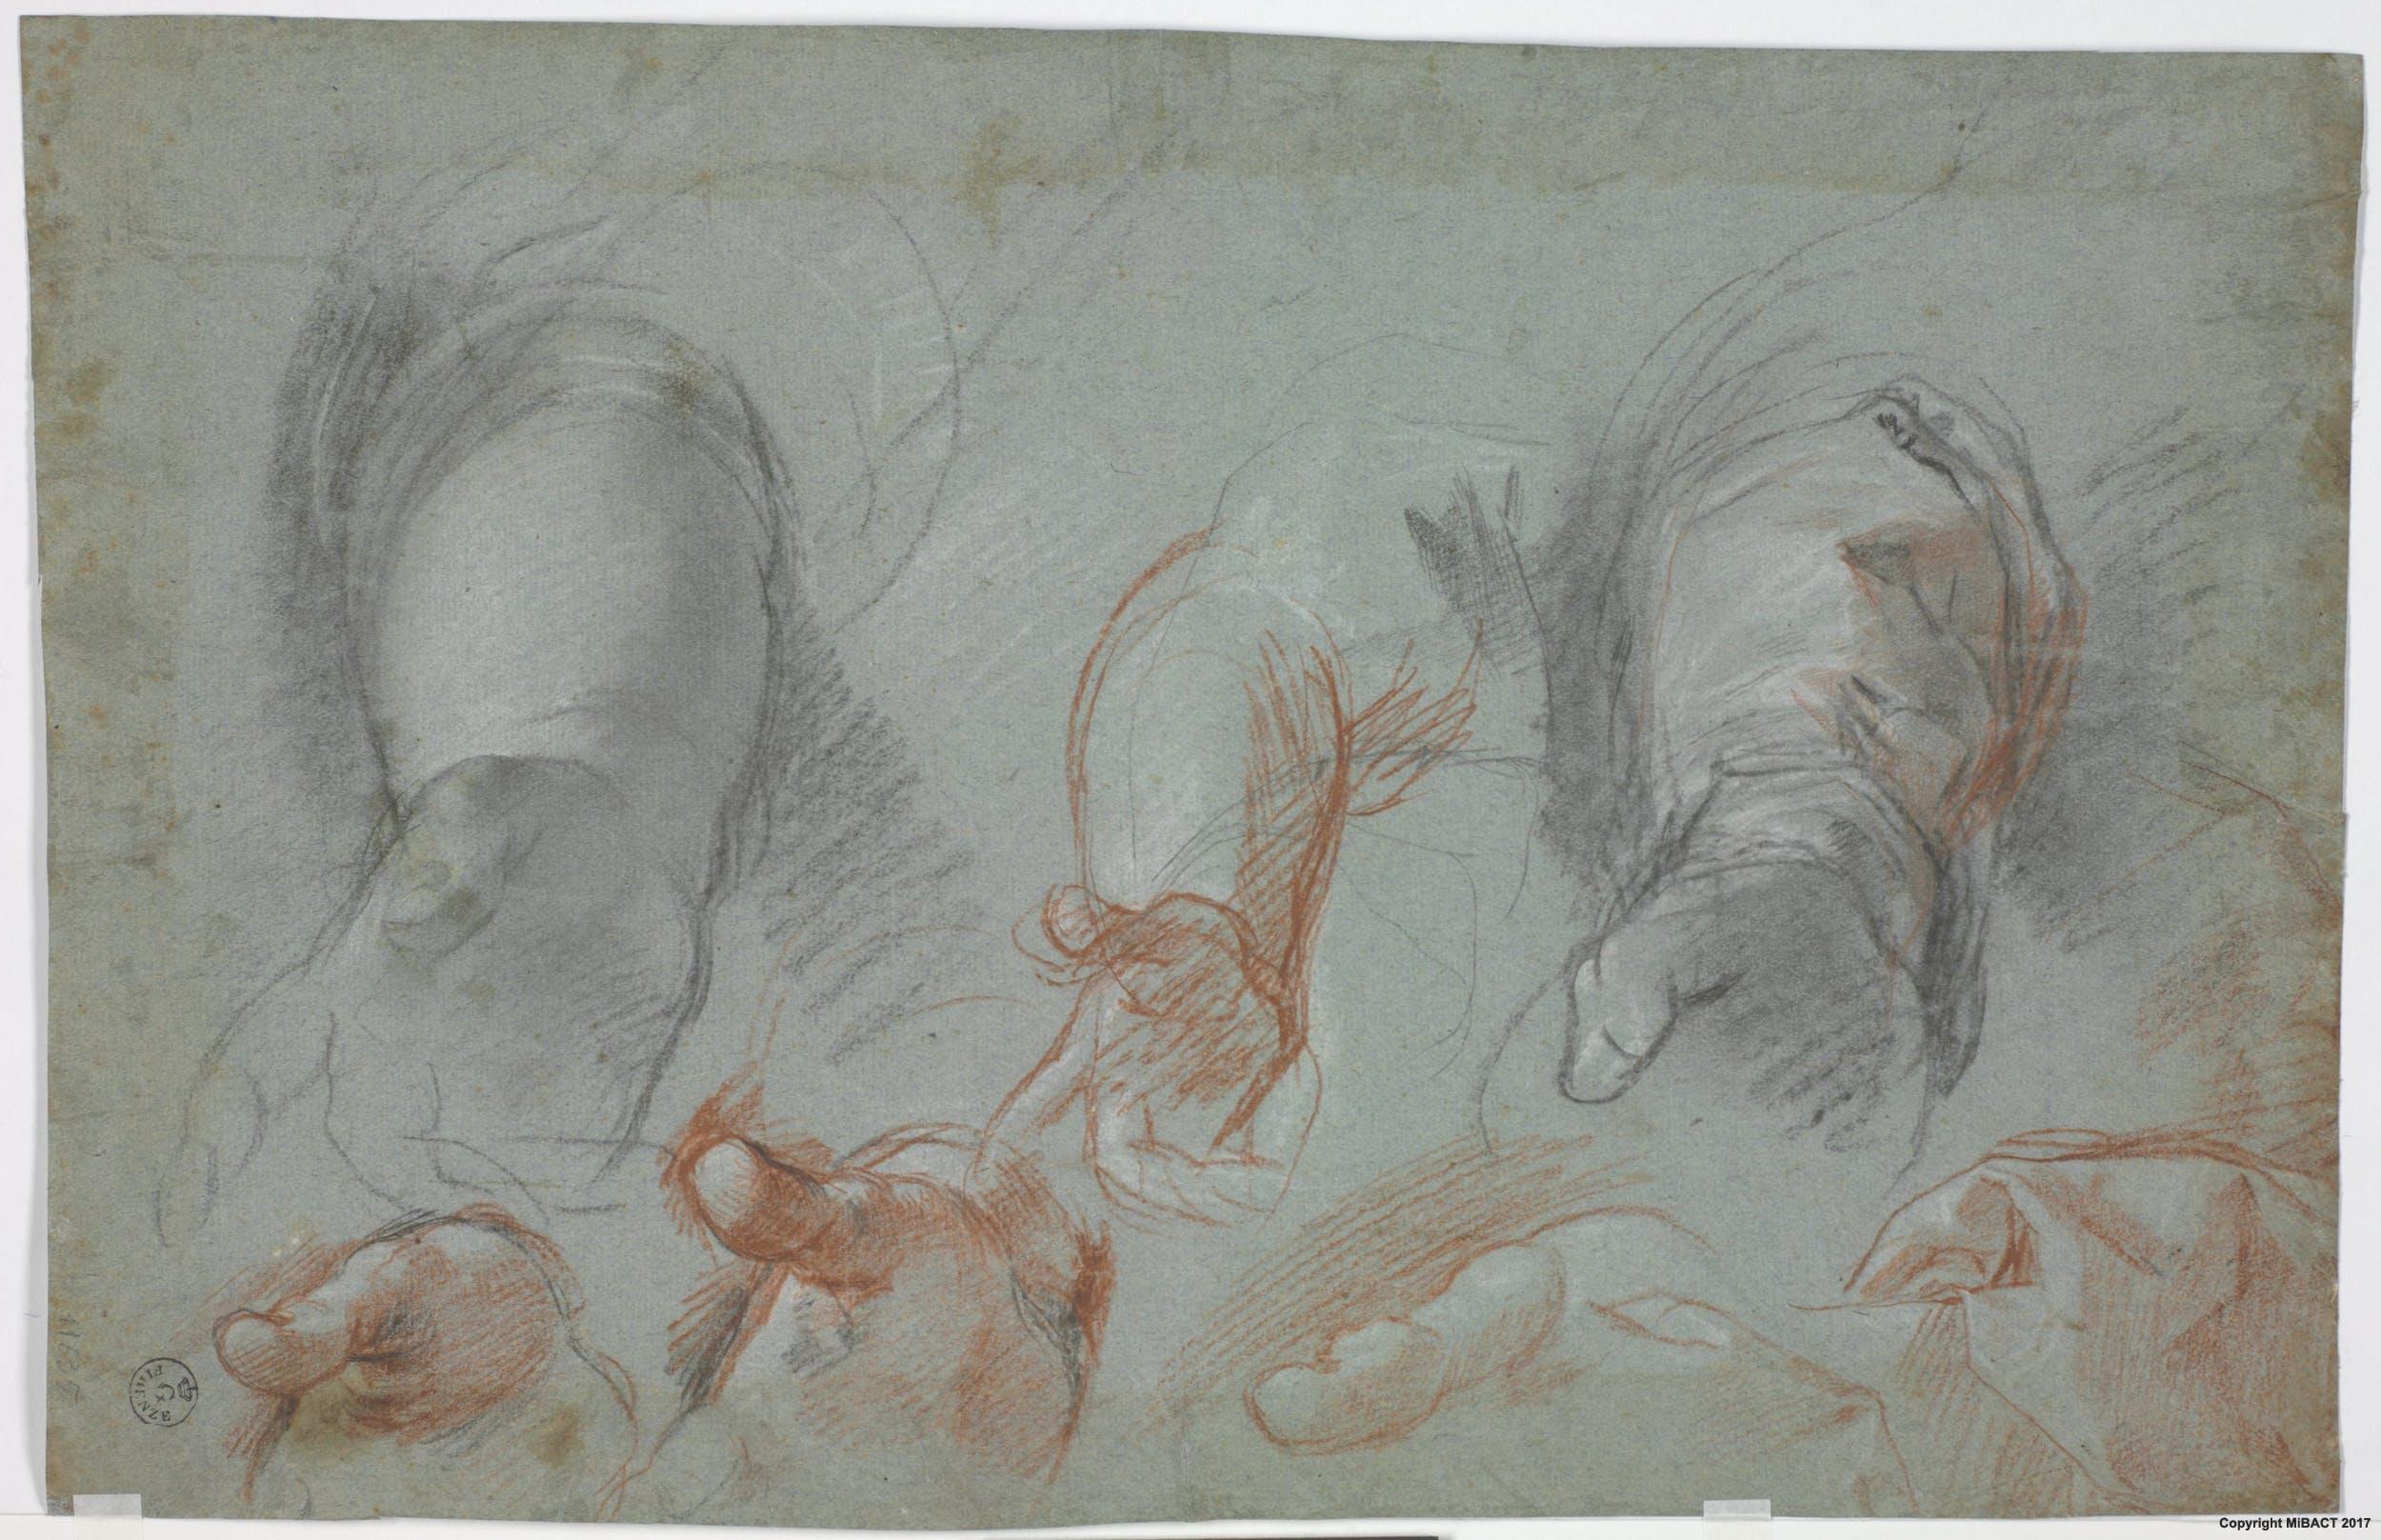 Pietra nera, pietra rossa, biacca (carbonato basico di piombo), carta cerulea (269 x 420 mm.) - Inv. 11635 F recto